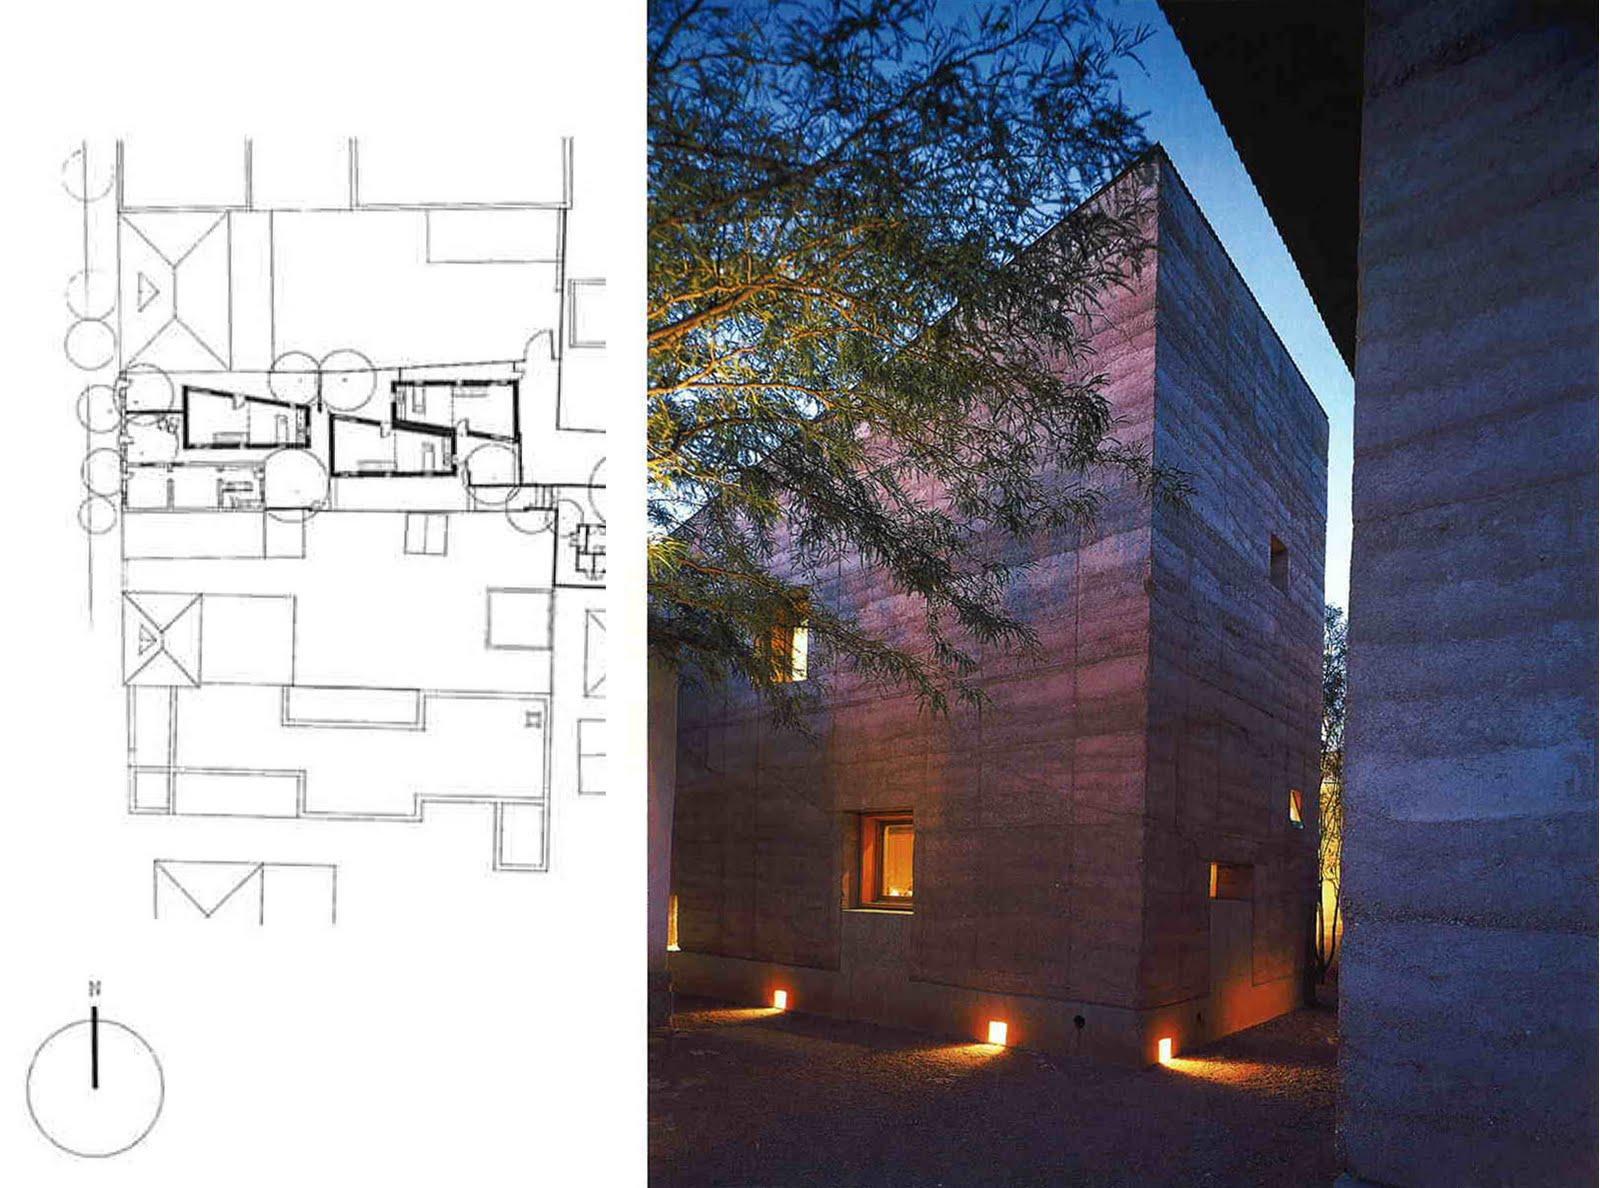 The Architecture Collective Convent Avenue Studios